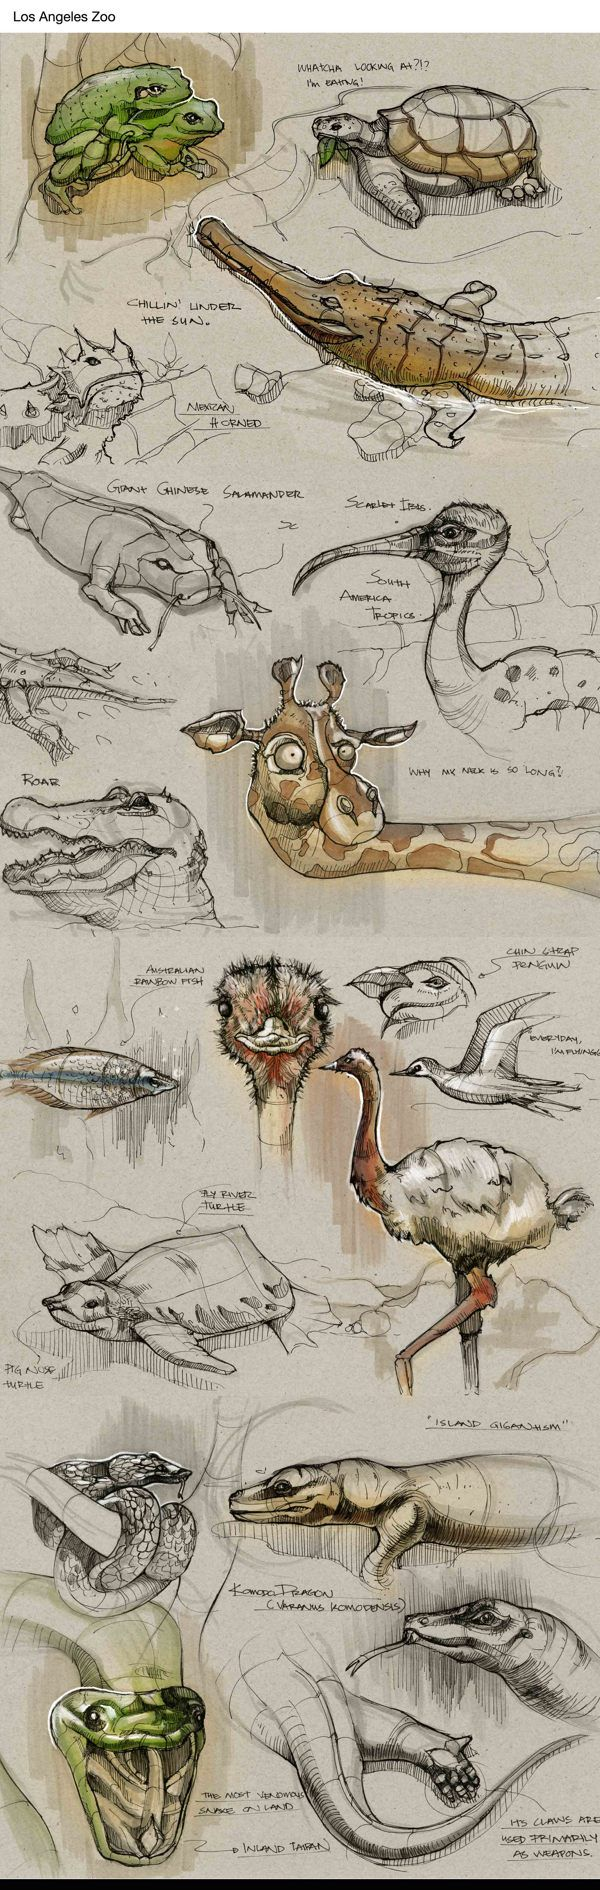 Sketches by Della Tosin